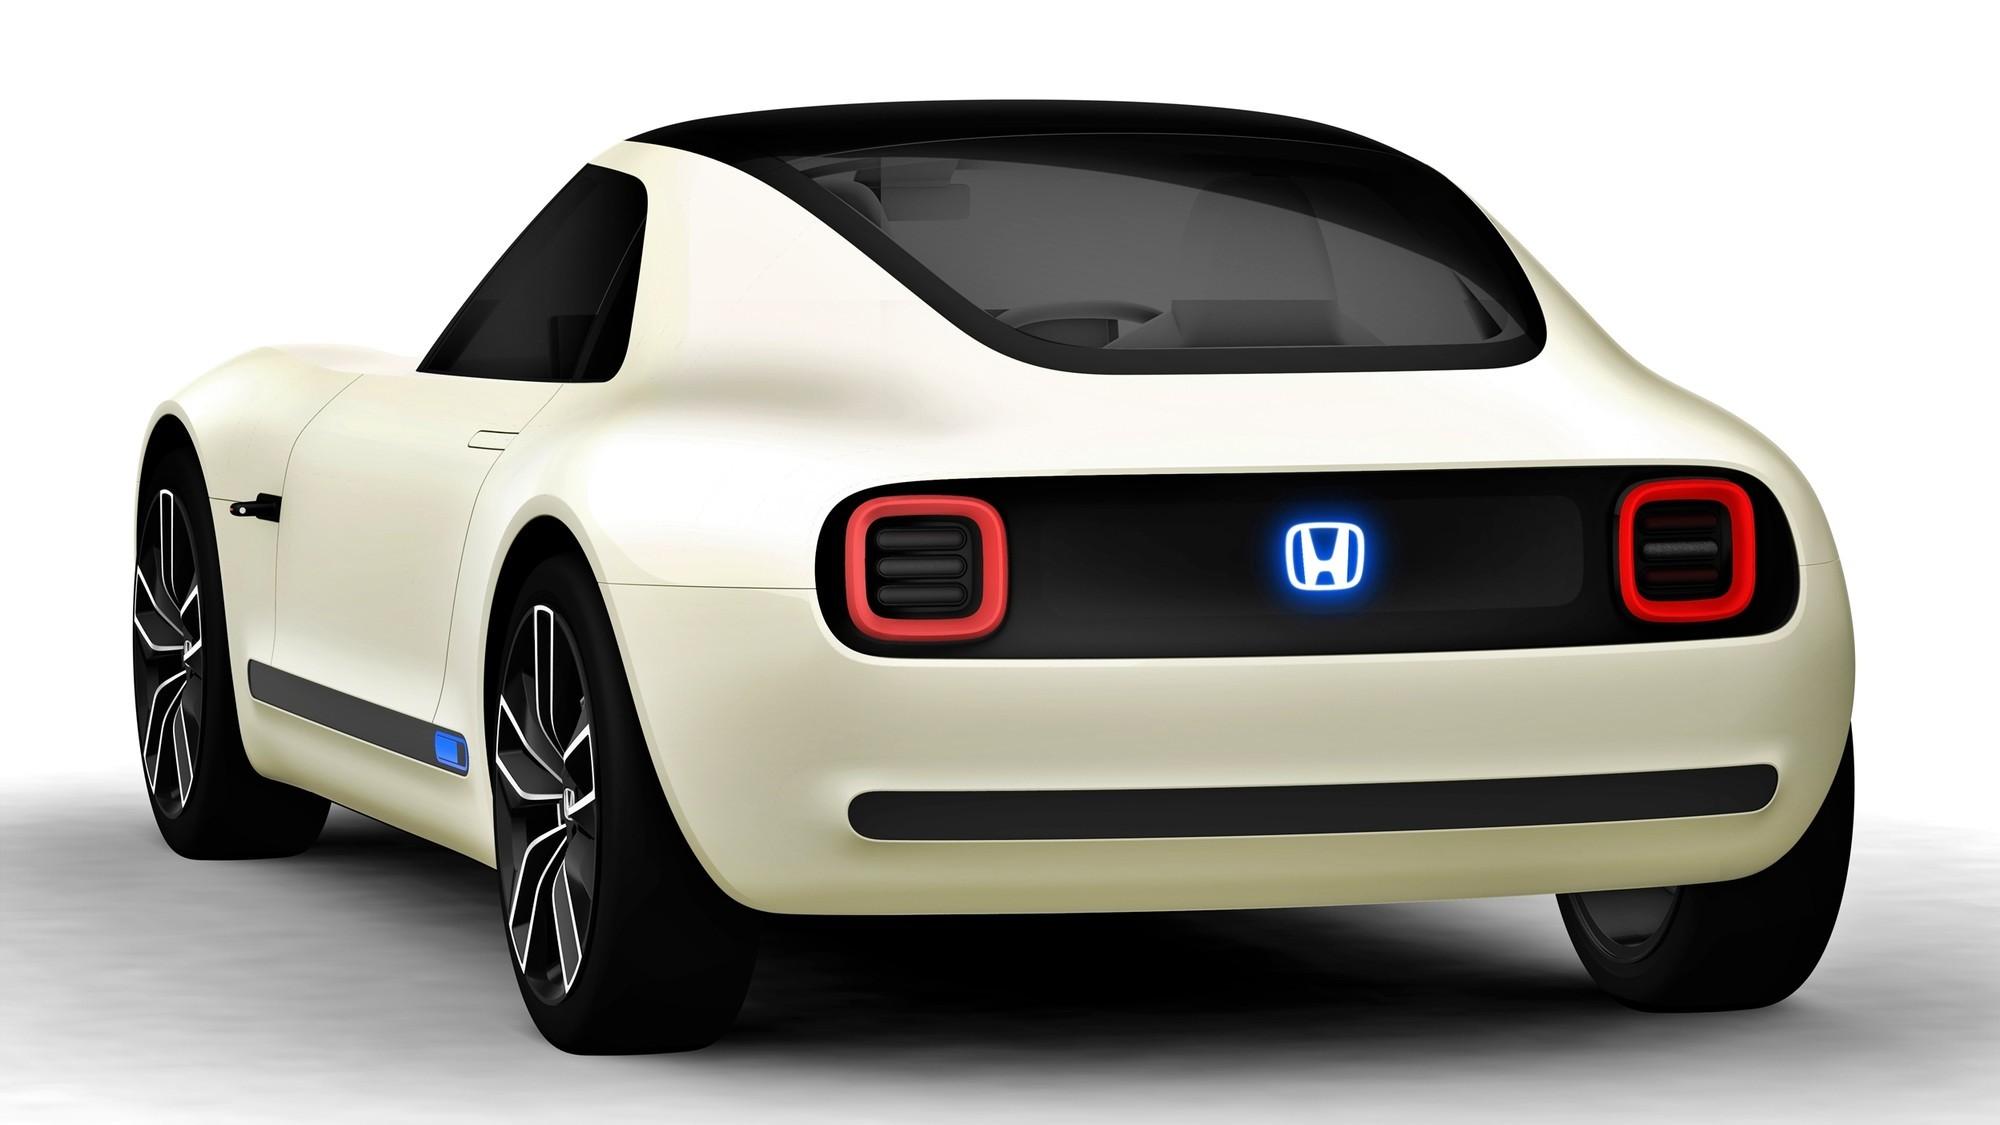 Электрическое купе Honda Sports EV станет серийным и придёт на смену родстеру S660